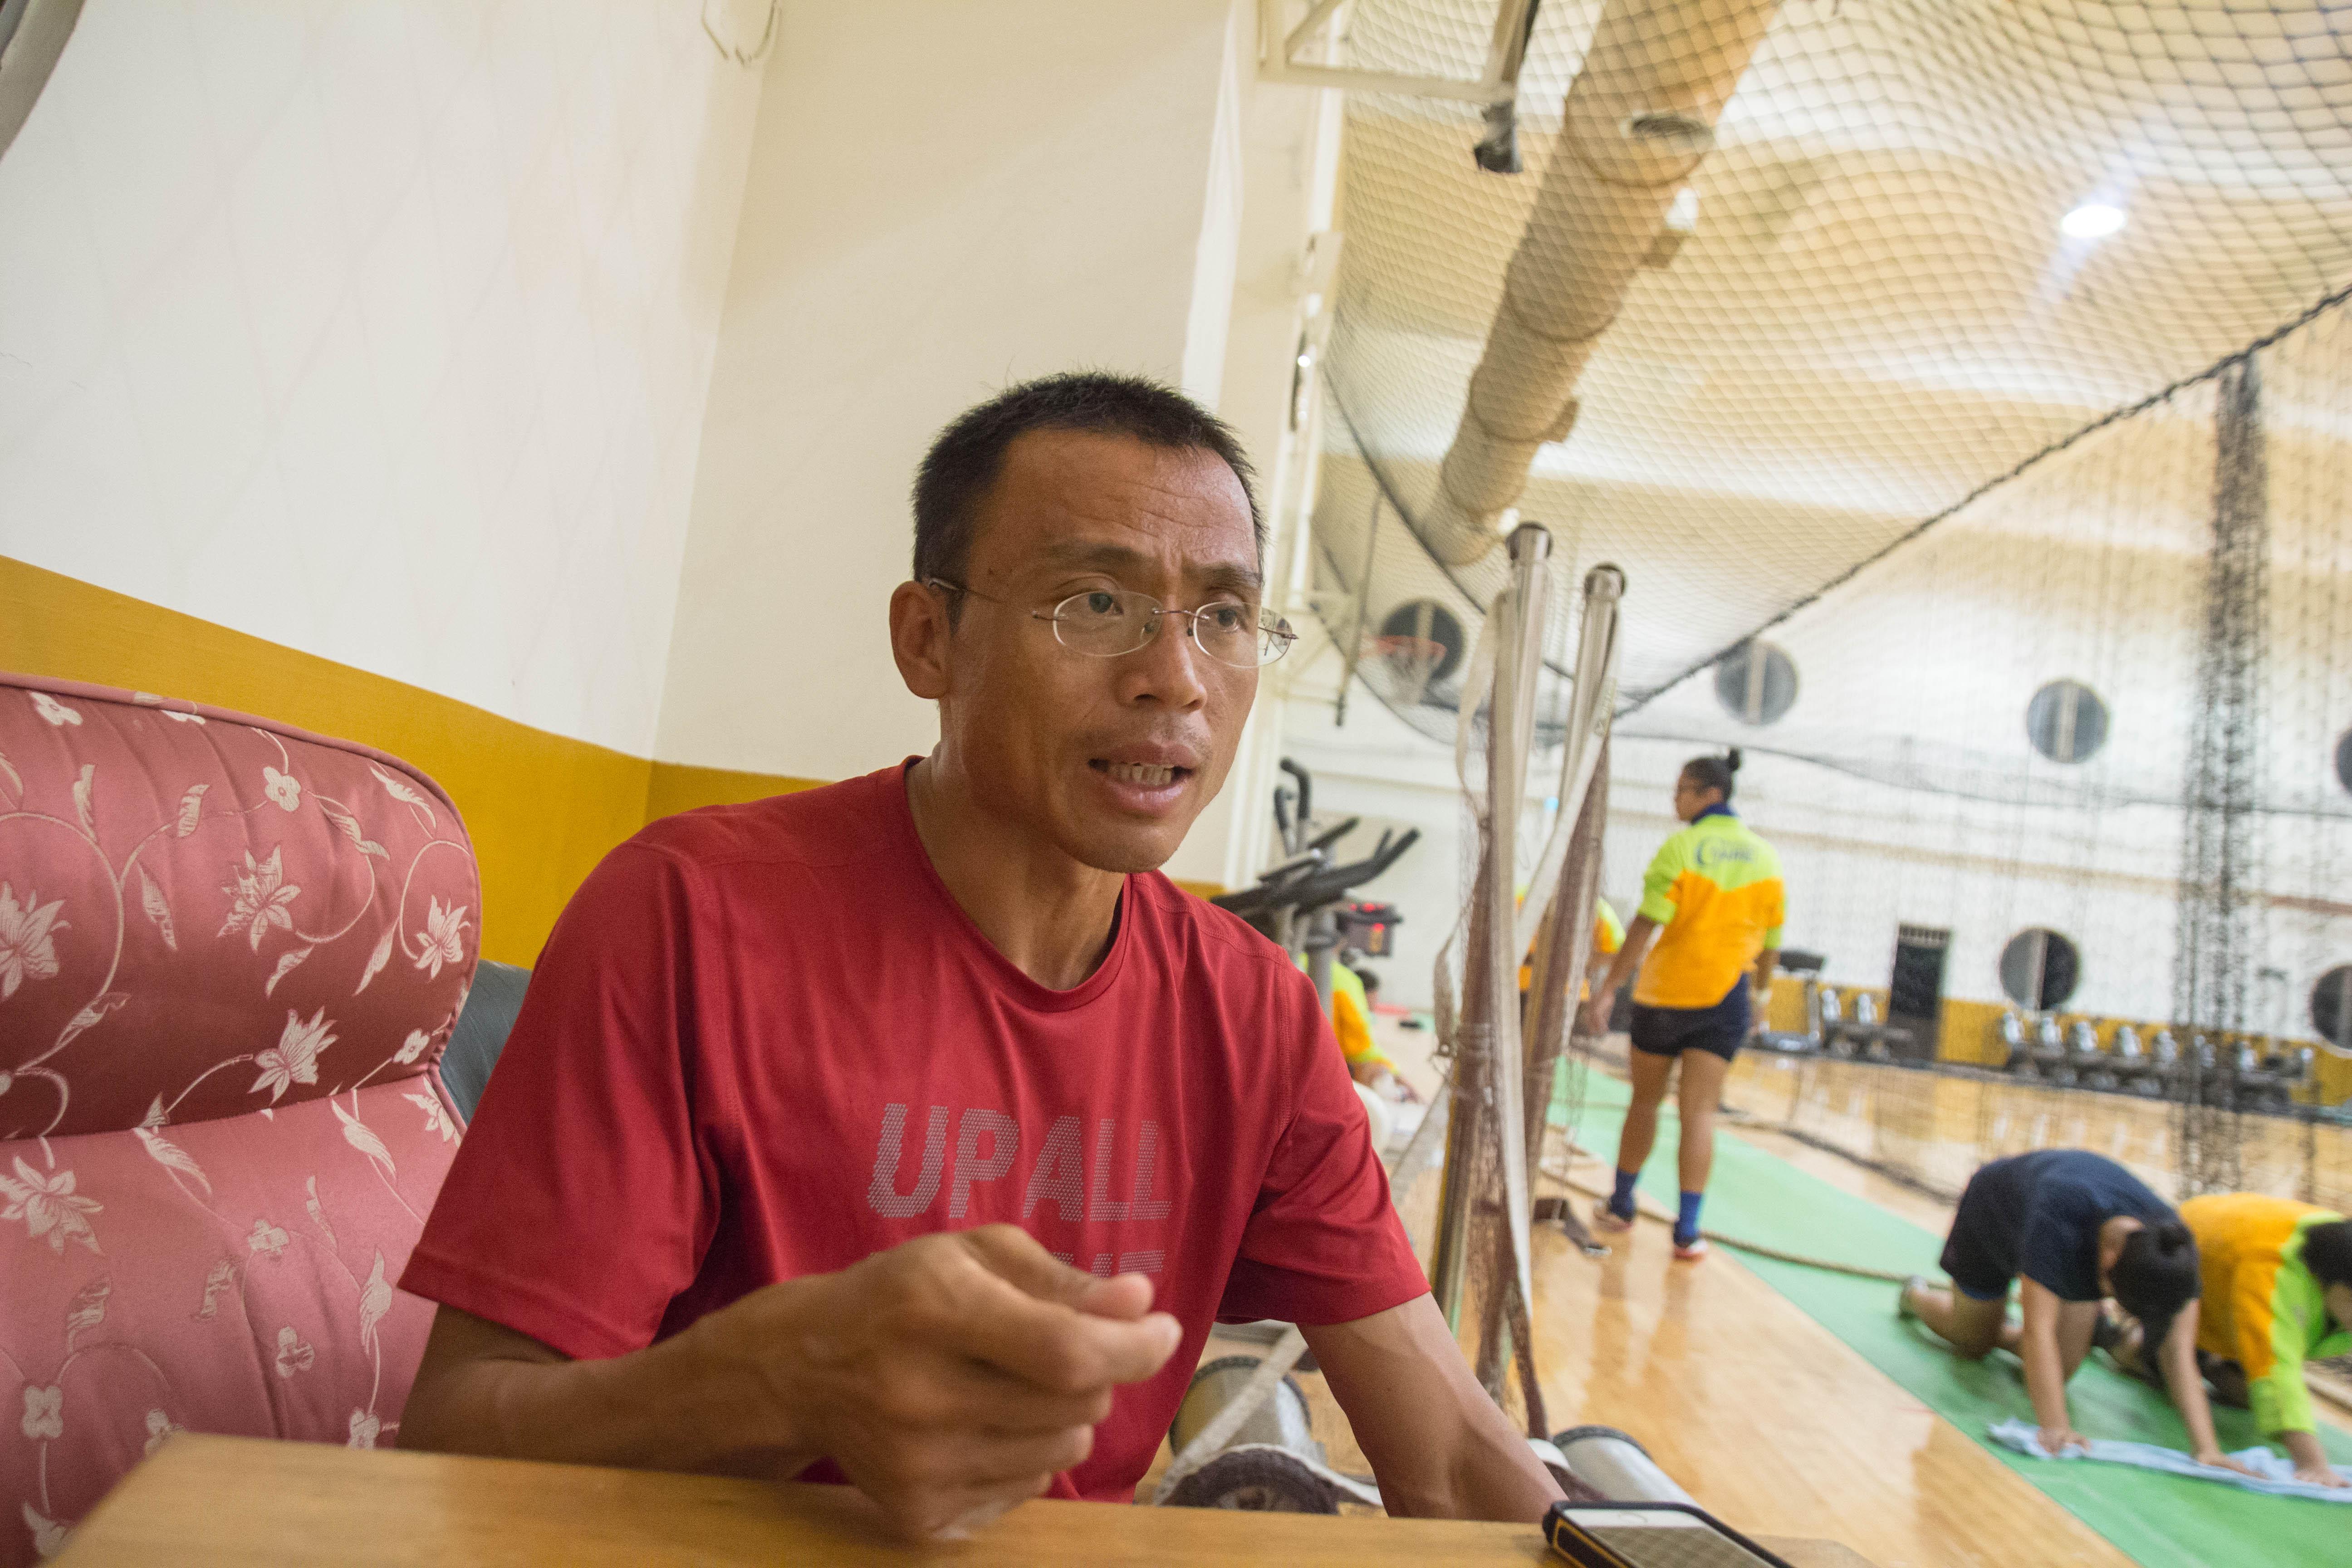 景美女中拔河隊教練郭昇,擔任教練14年陪伴在隊員左右,是隊伍的穩定支柱。